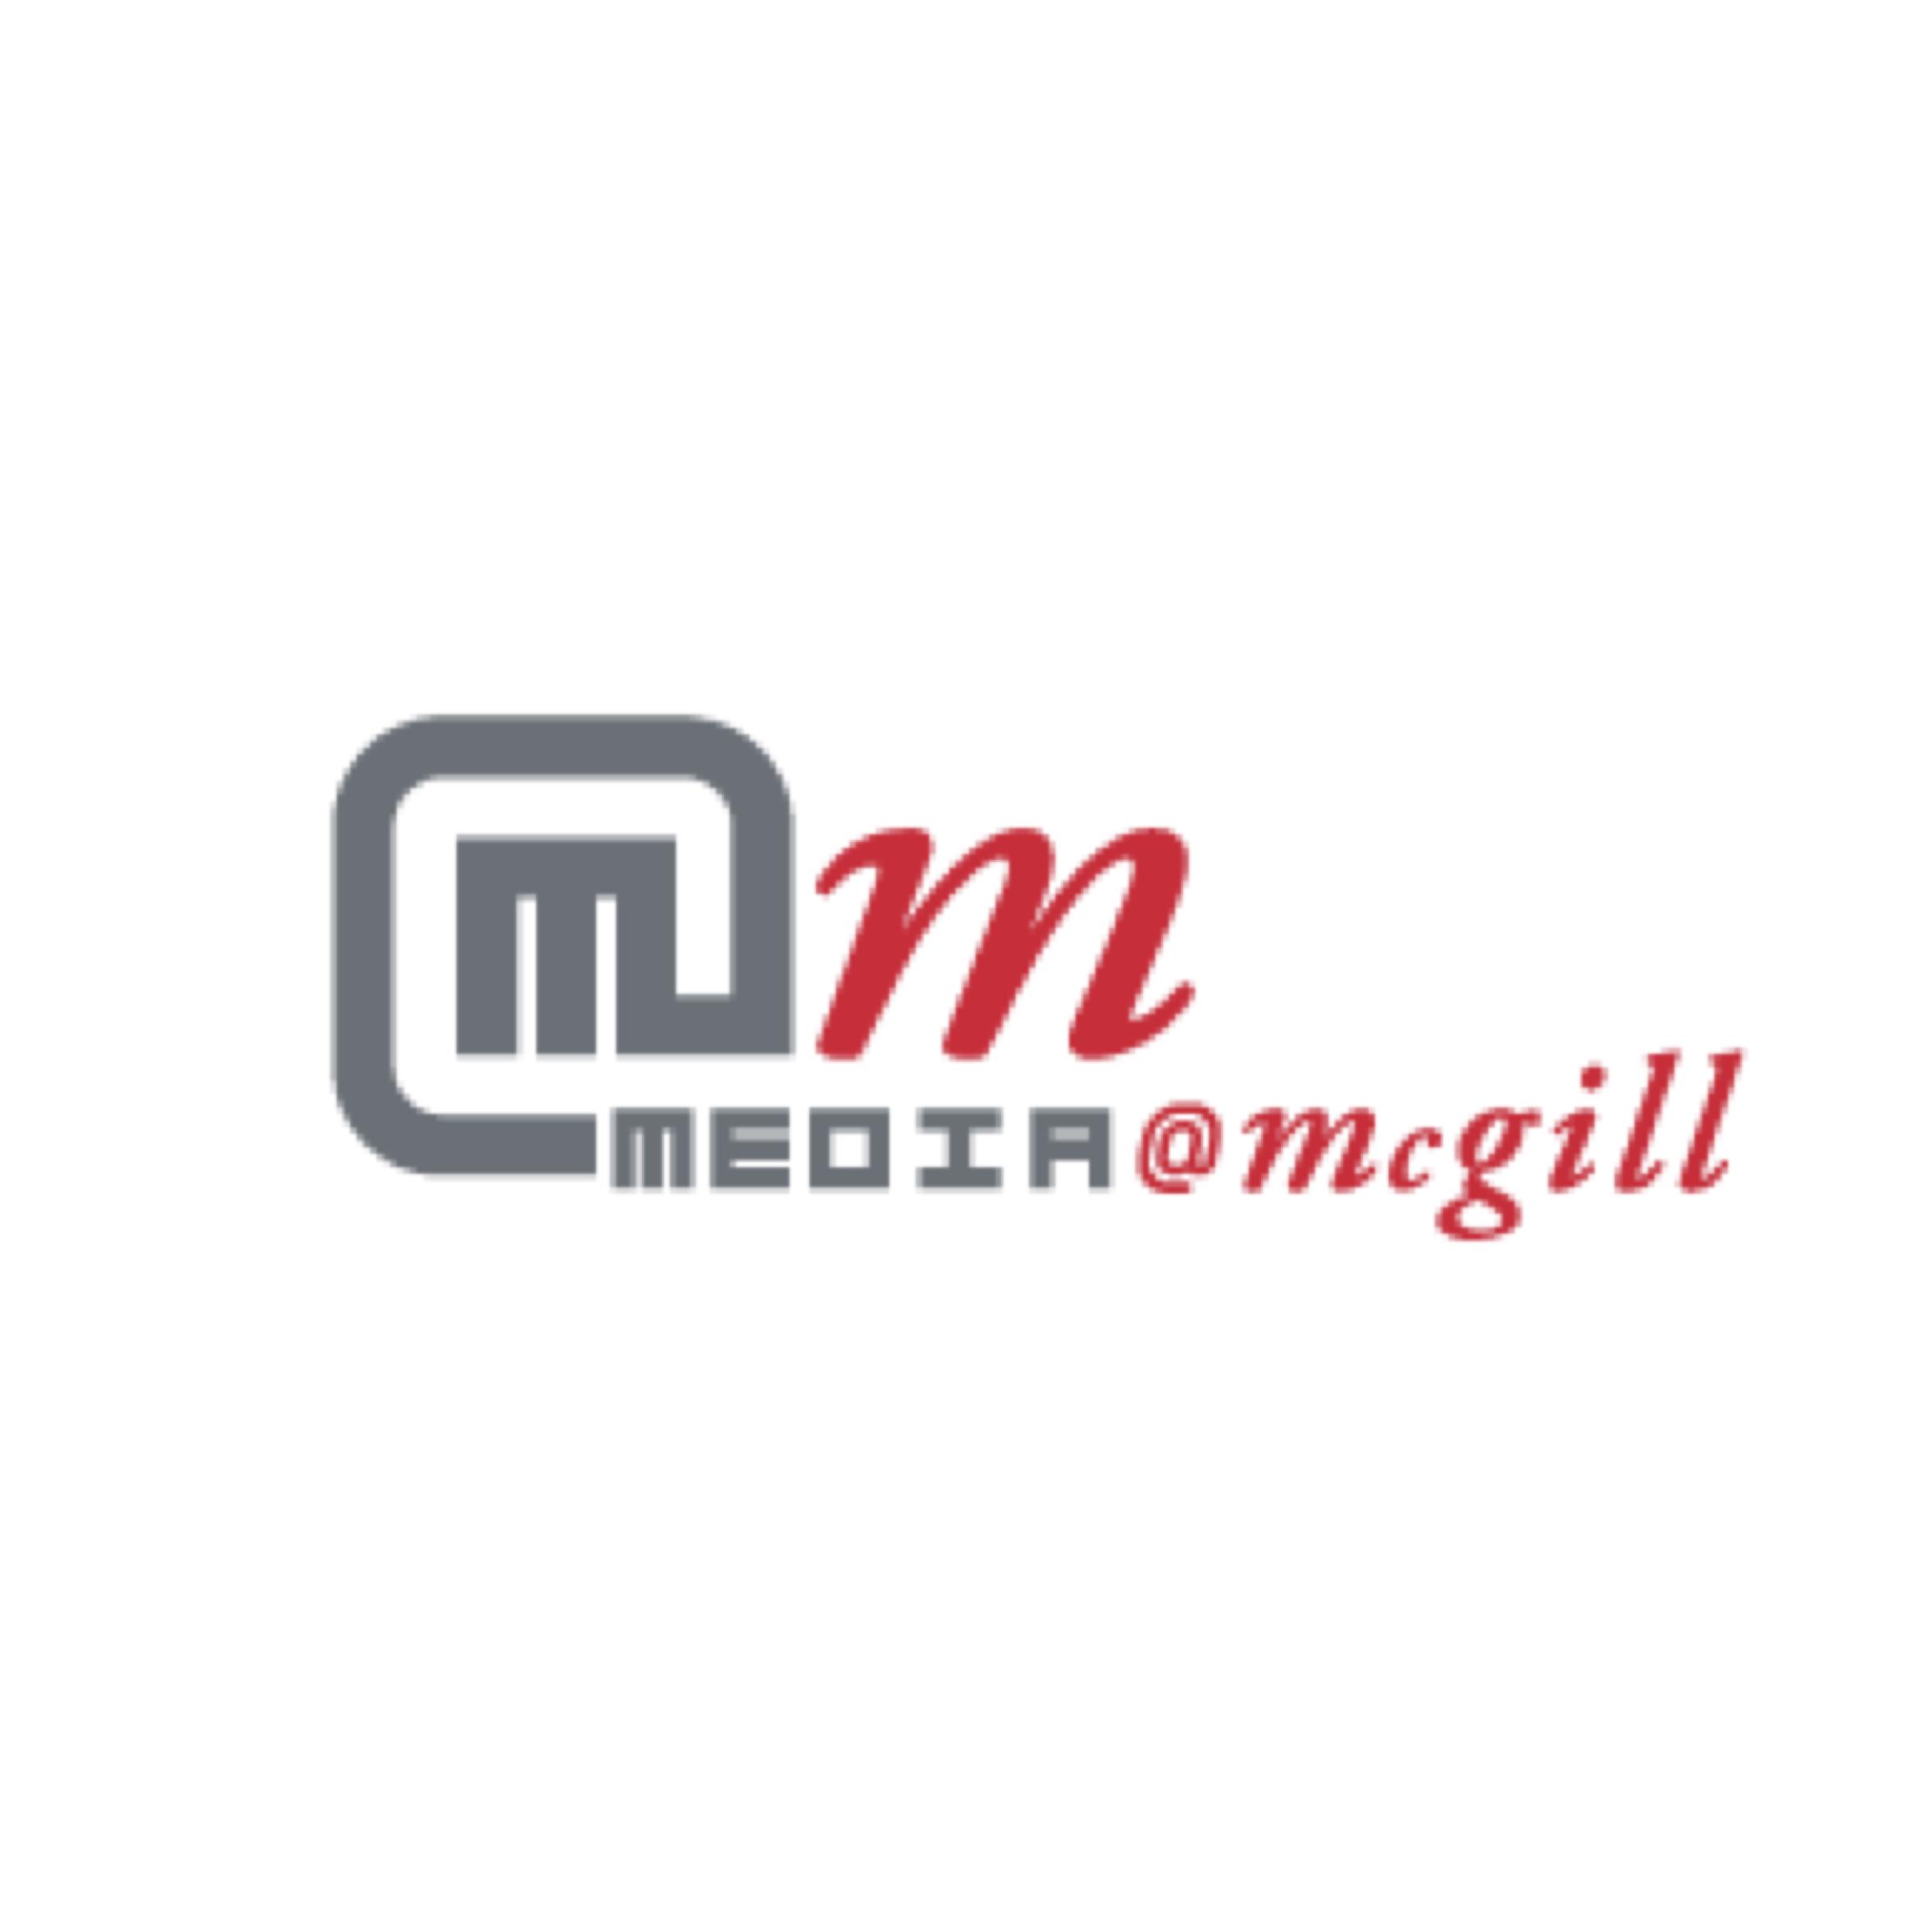 media mcgill logo.jpg